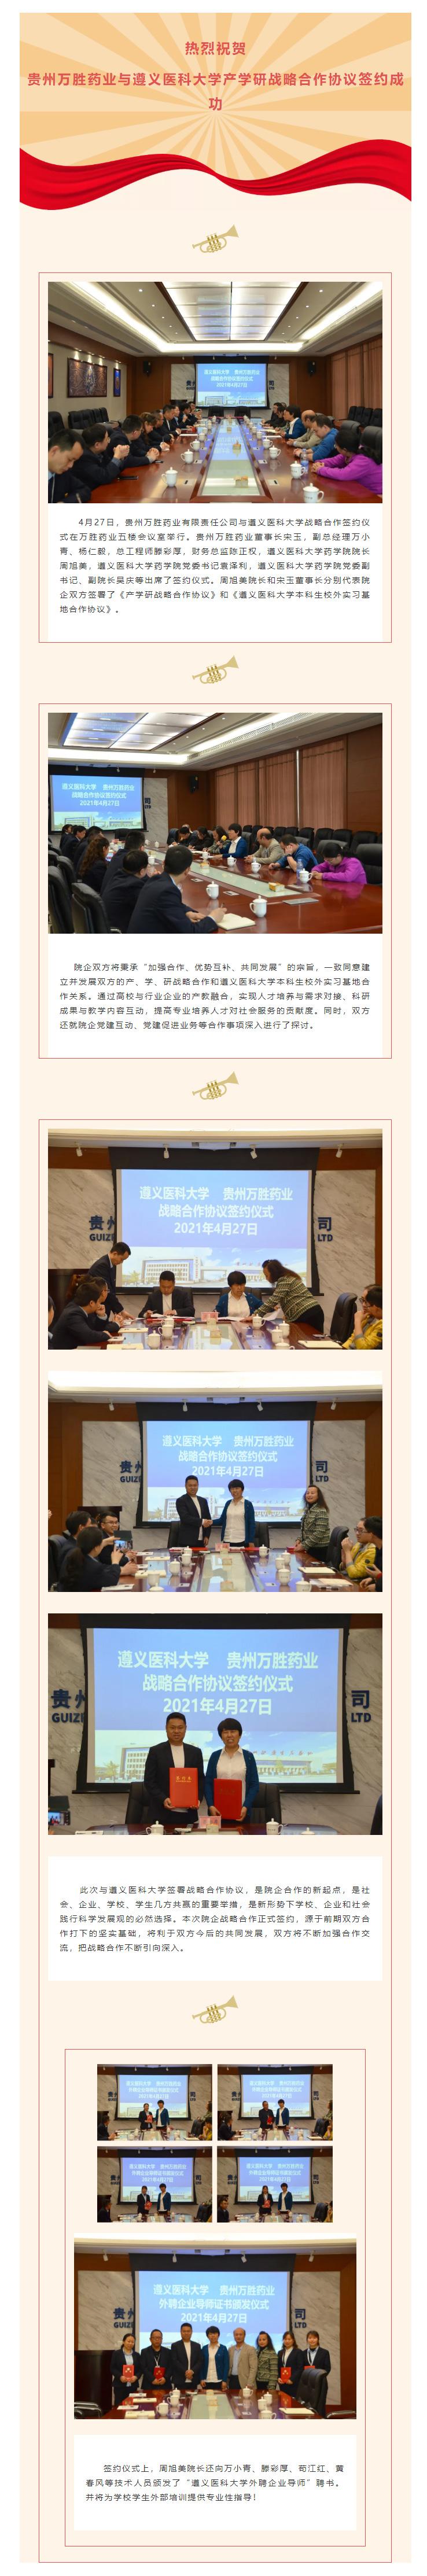 热烈祝贺贵州w88首页club w88与遵义医科大学产学研战略合作协议签约成功.jpg